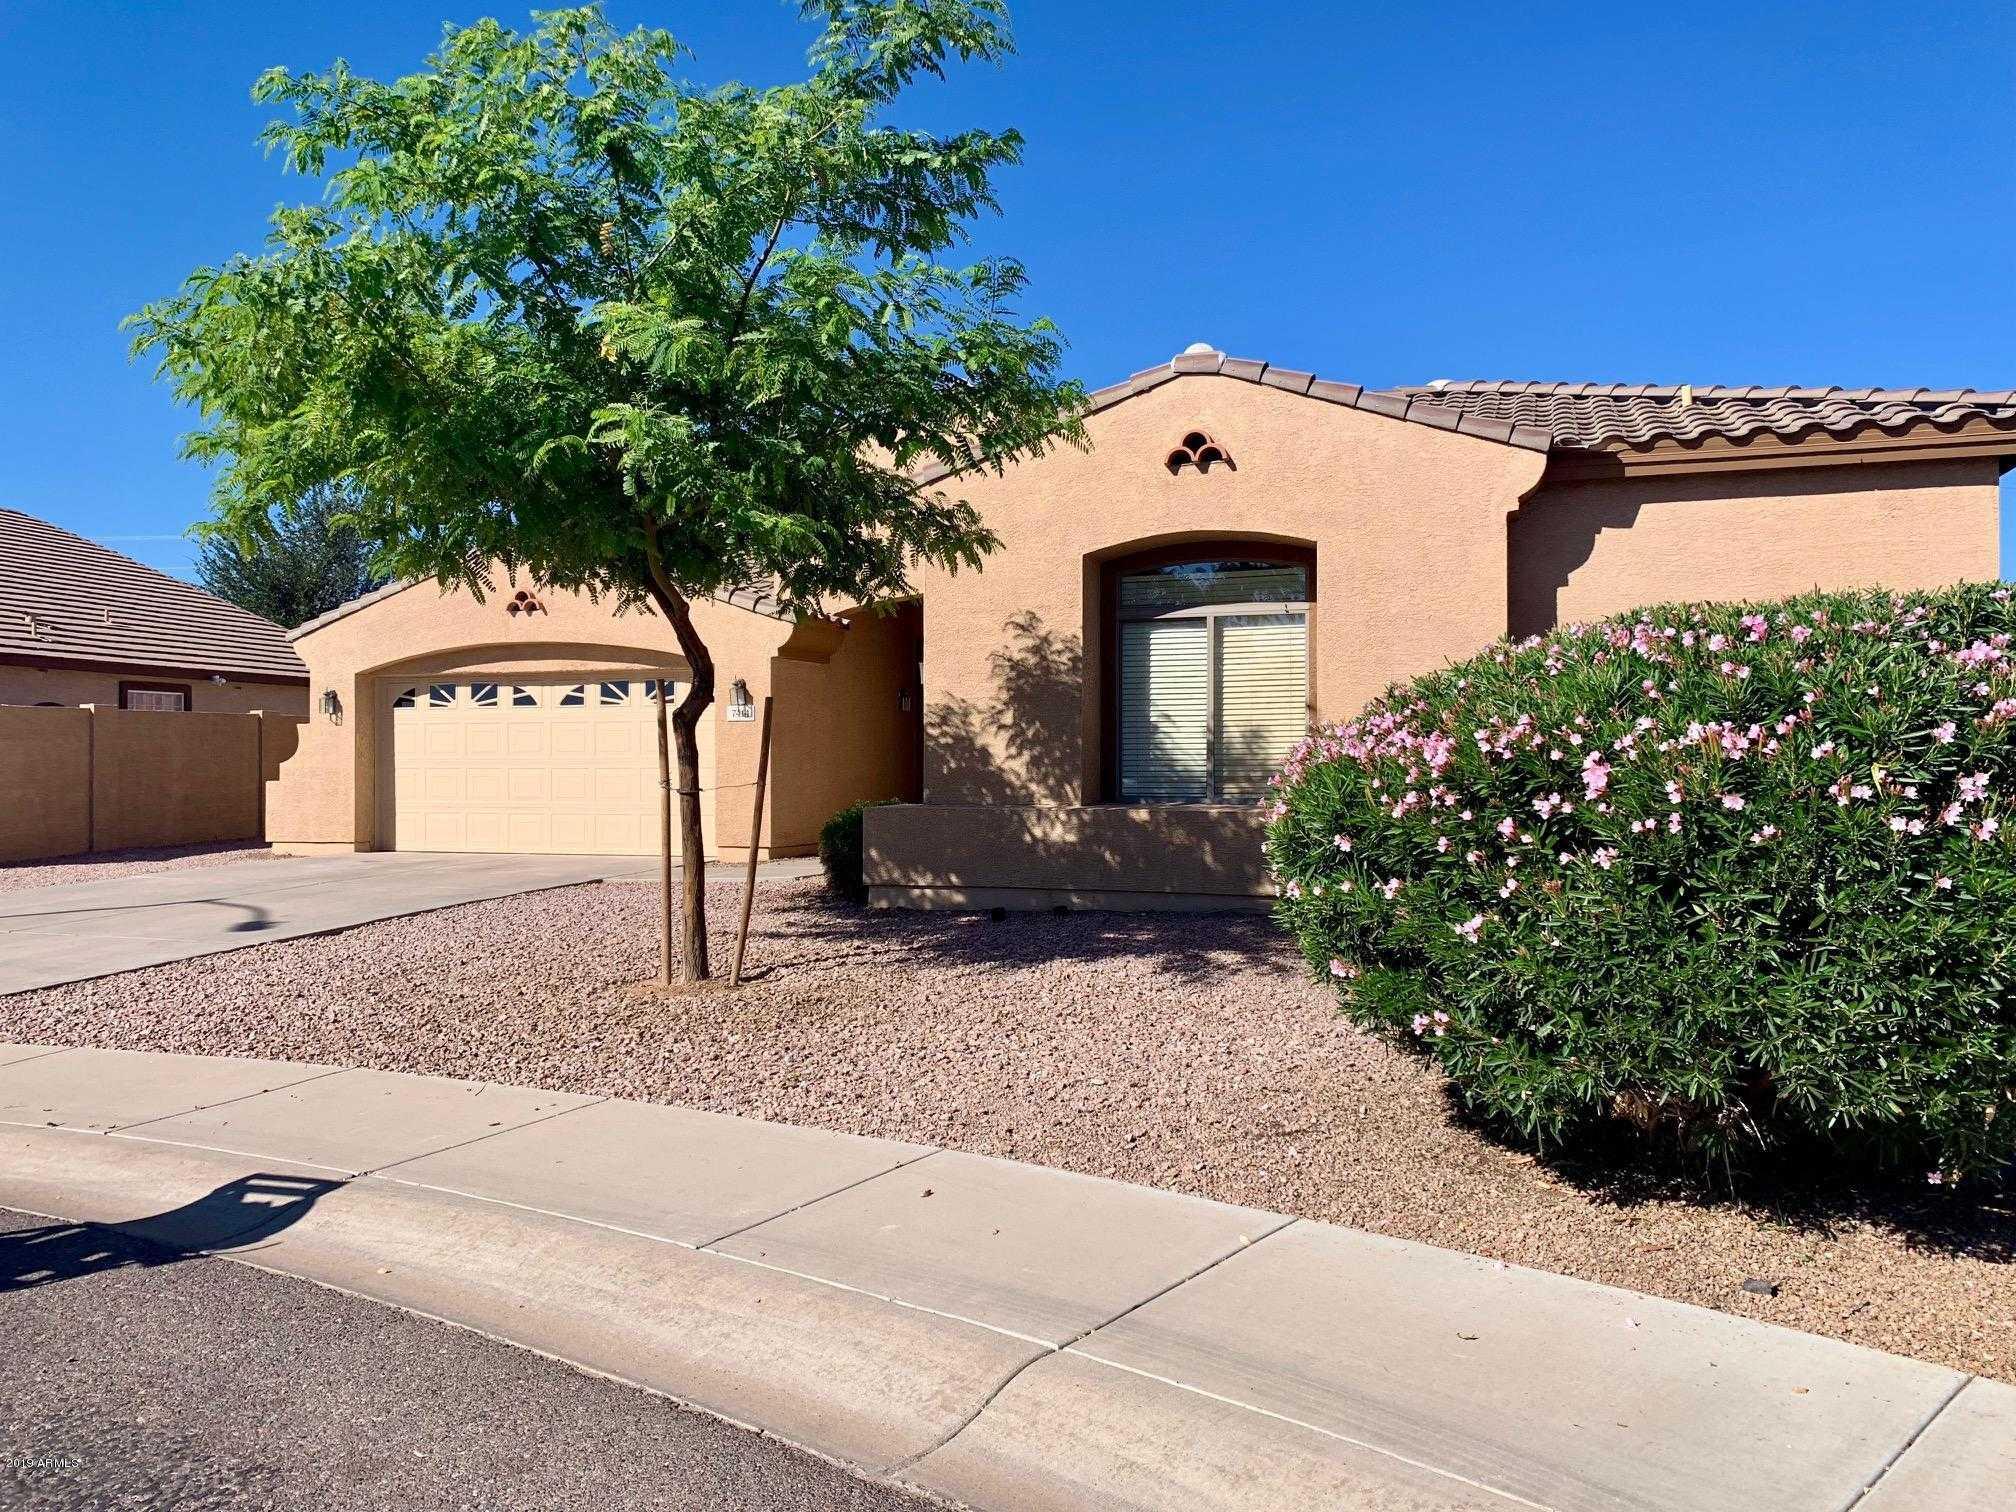 $334,500 - 4Br/3Ba - Home for Sale in West Glenn Estates, Glendale